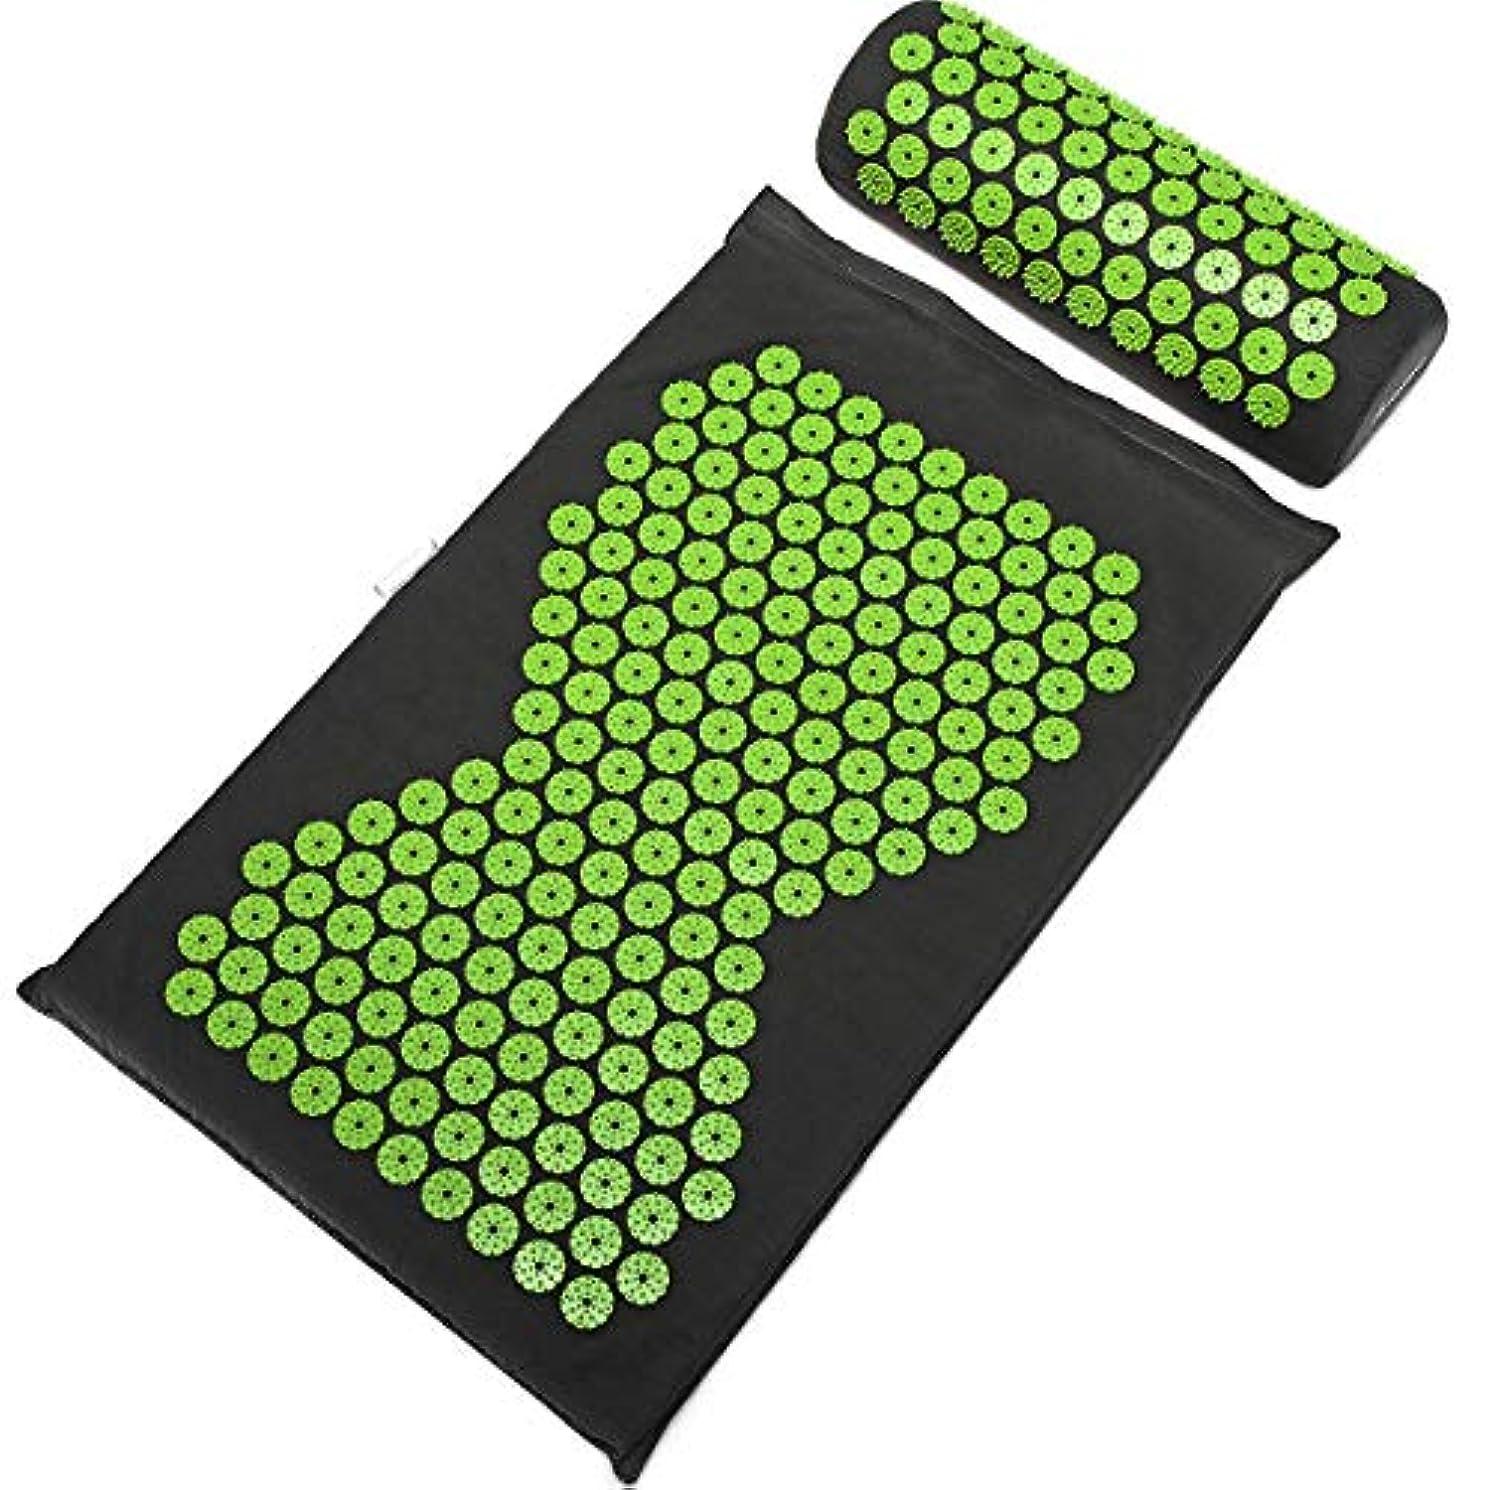 牛露骨な起きてSulida ヨガマット マッサージマパッド ストラップ付き マッサージ枕 トレーニングマット 睡眠改善 自宅運動 マット 高密度 持ち運び 滑り止め 血行促進 収納簡単 エコ グリップ力 クッション性